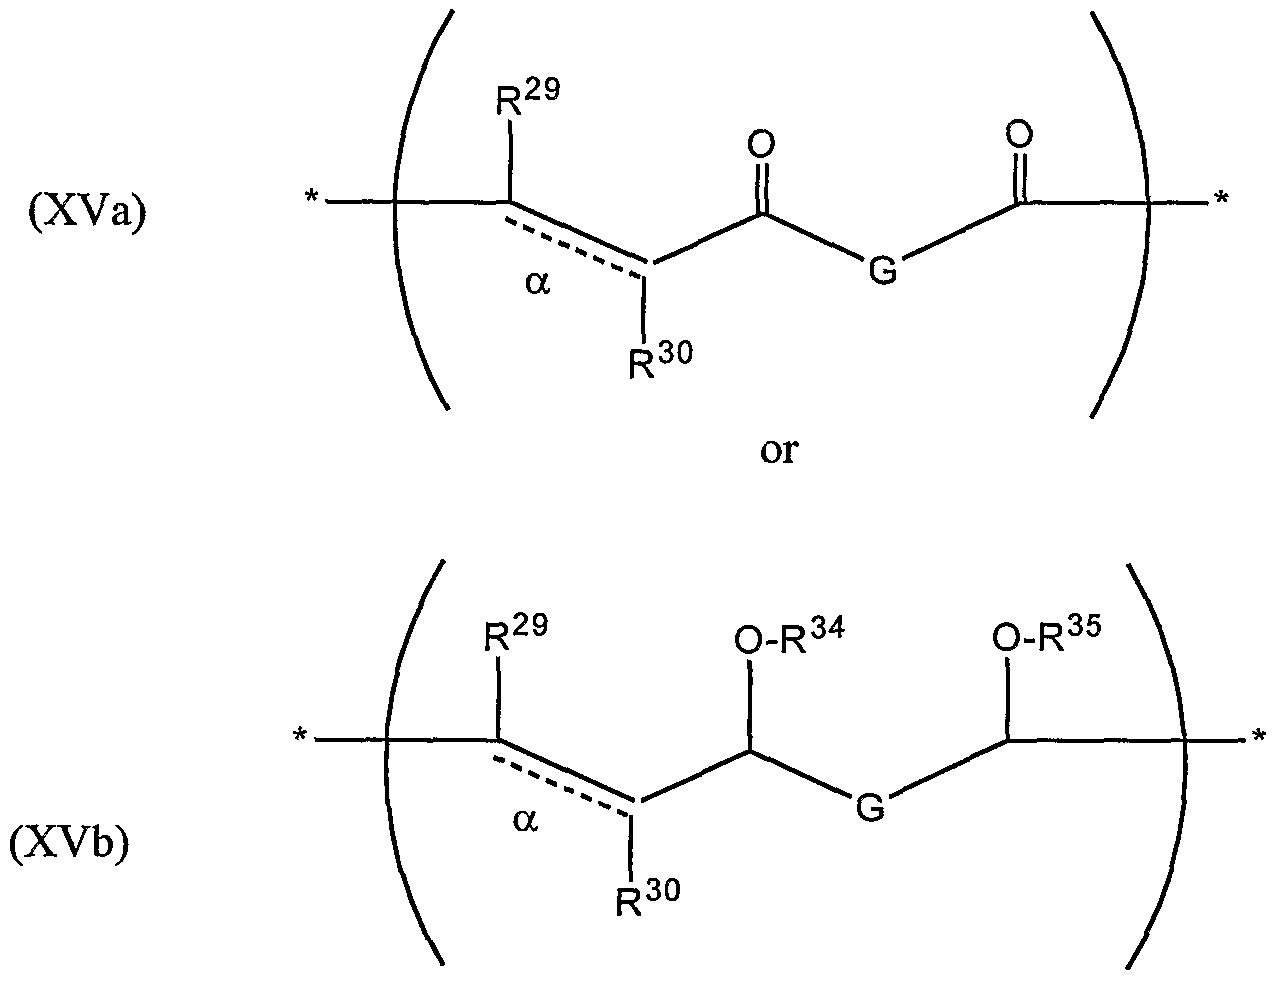 double bond metathesis